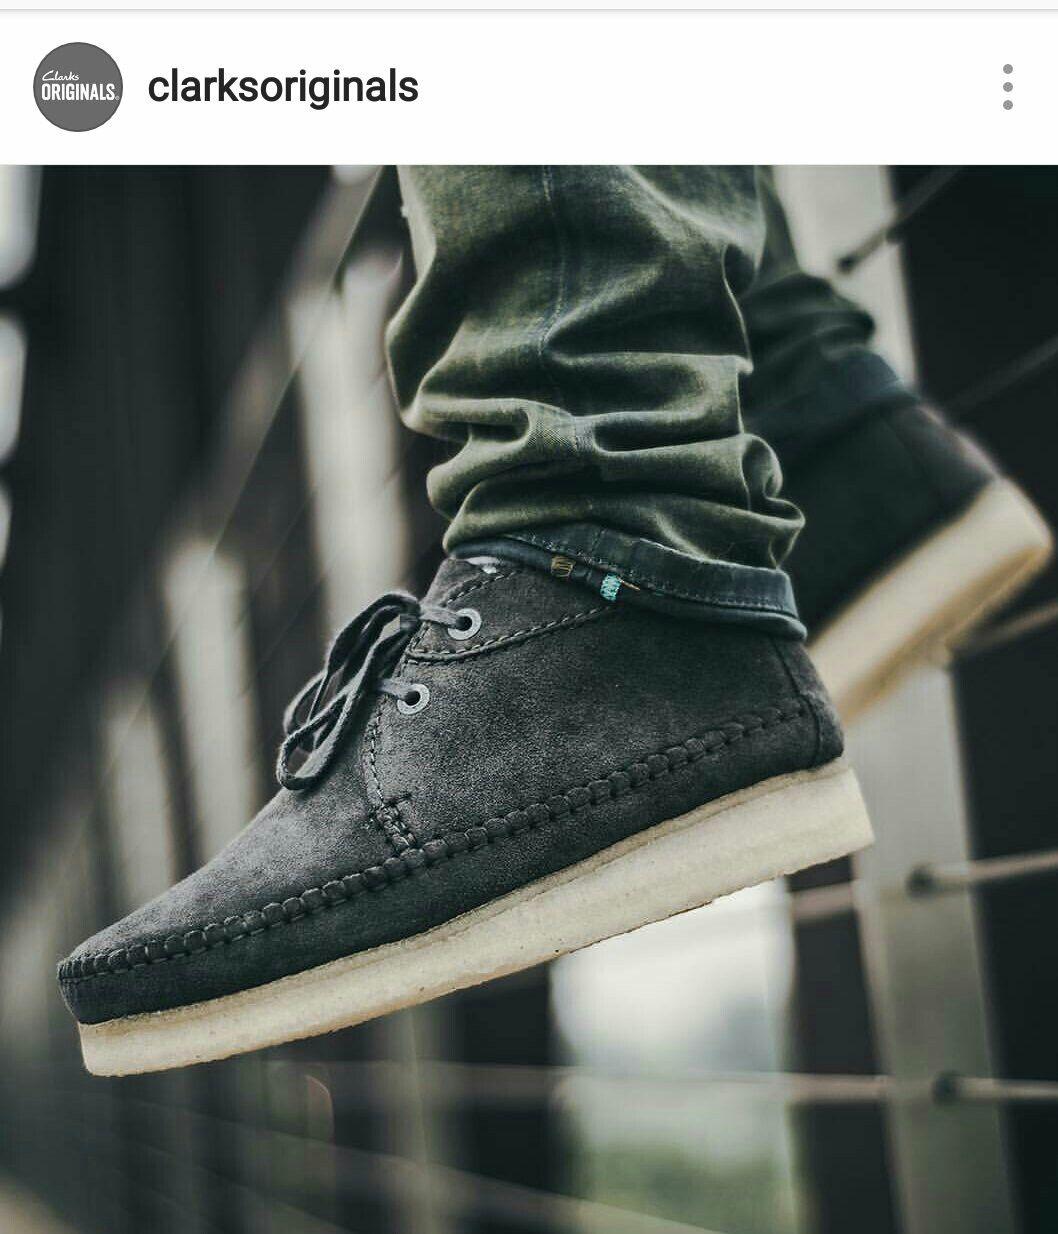 Clarks originals weaver | Clarks